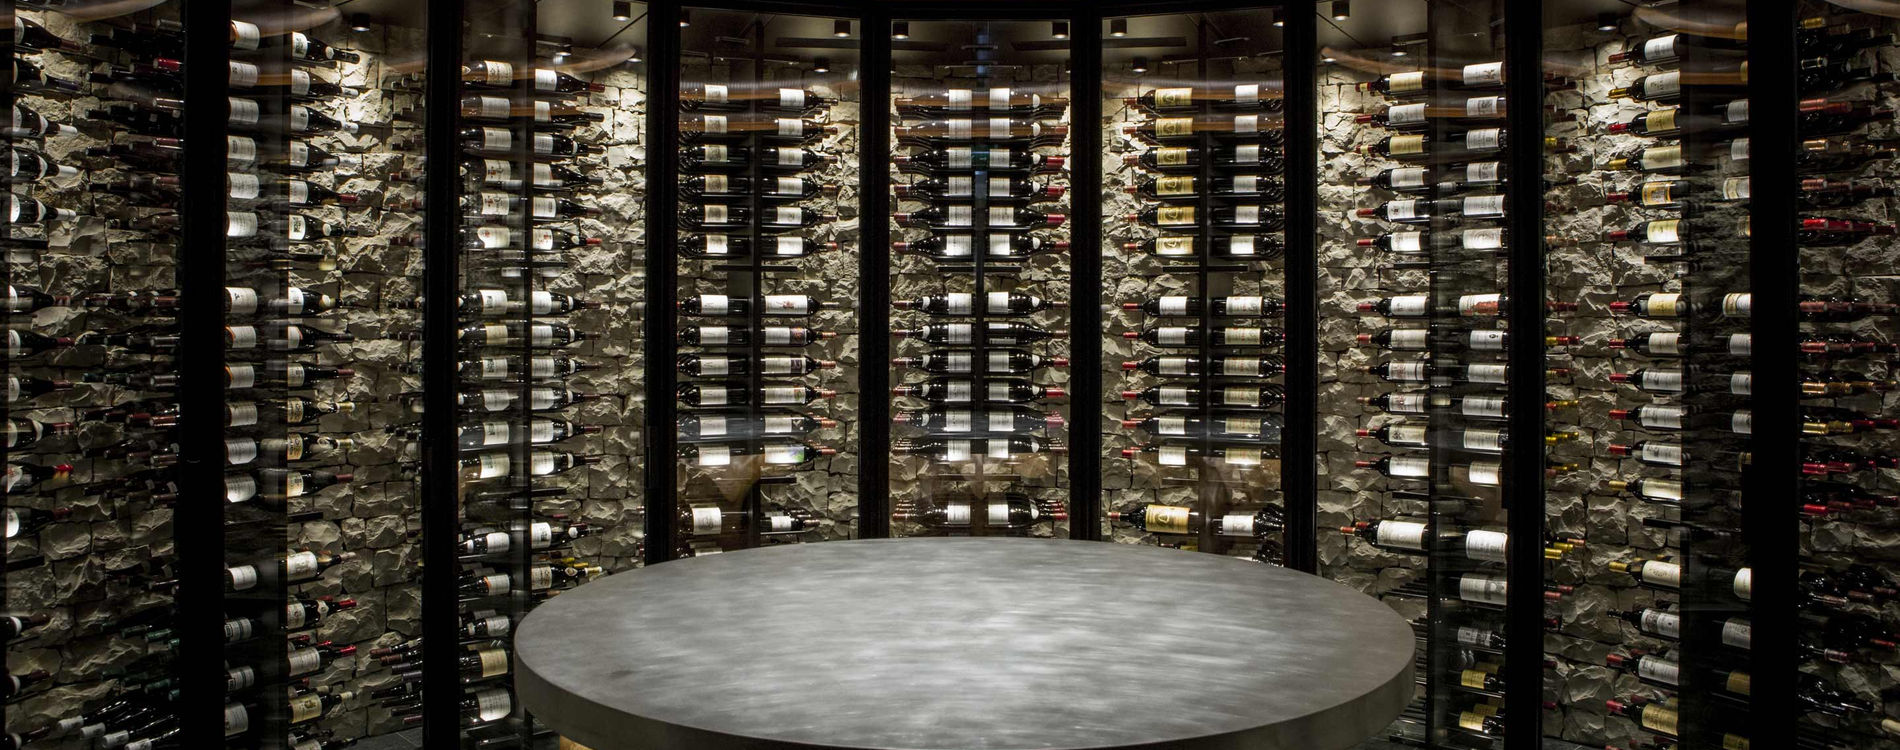 Hotel de Paris Monte-Carlo Louis XV Restaurant Alain Ducasse Monaco Cave à vins